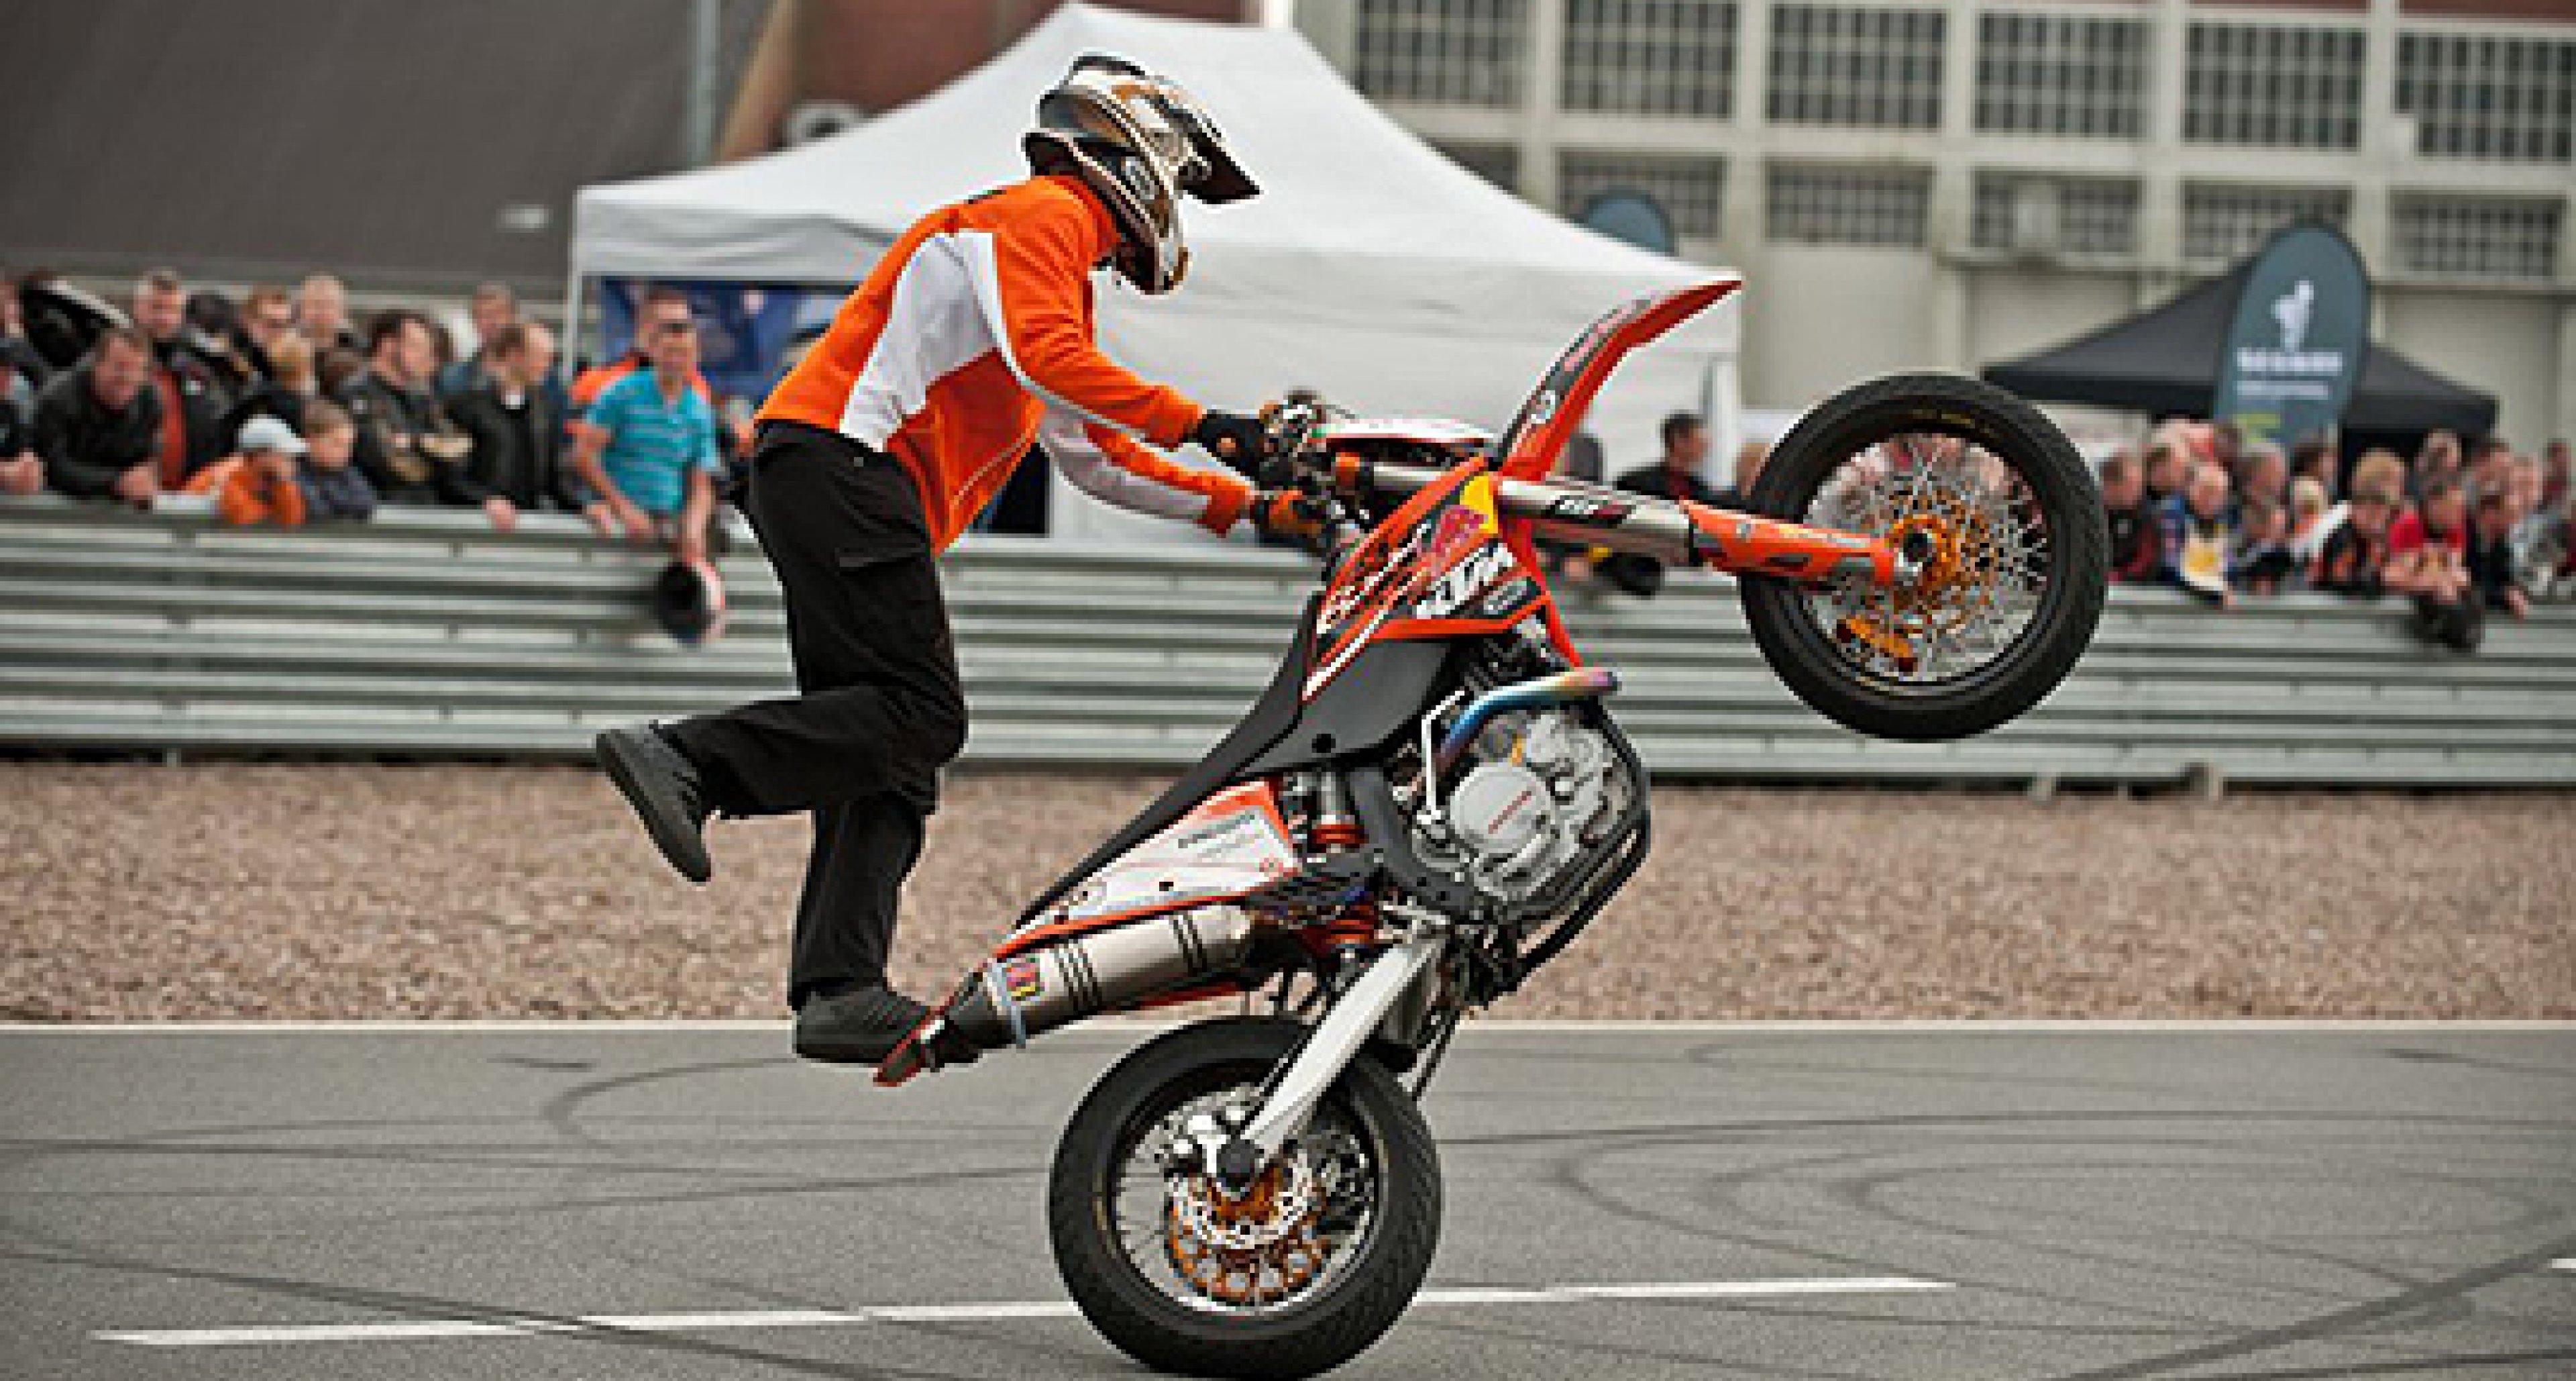 Motorrad StartUp Day 2012 im FSZ Lüneburg: Gentlemen, kick-start your engines!